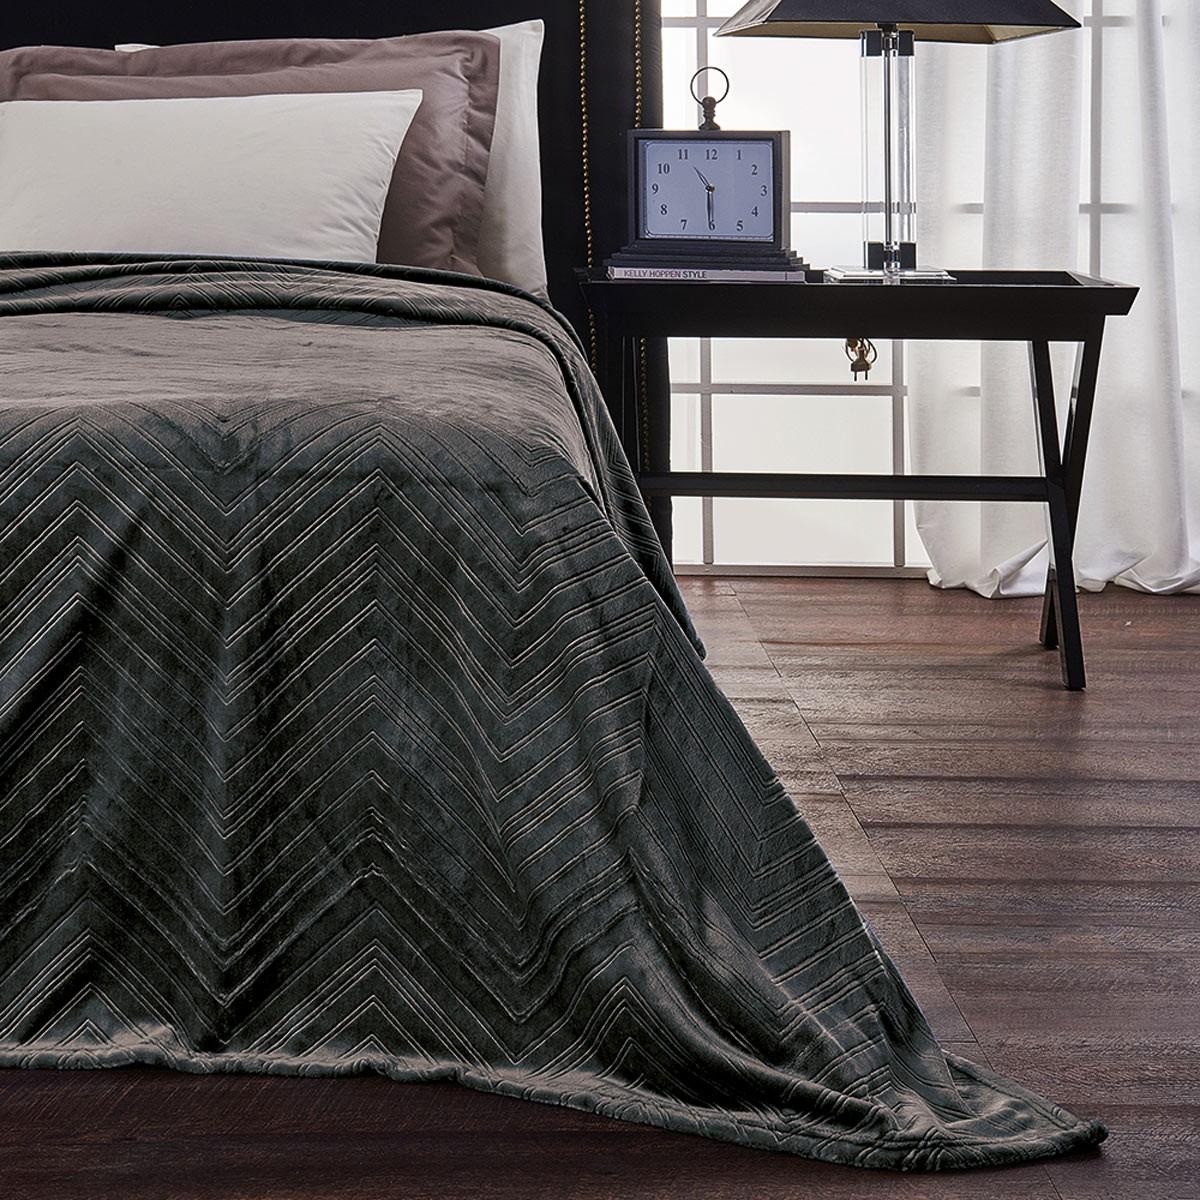 Κουβέρτα Fleece Υπέρδιπλη V19.69 Angolo Carbone